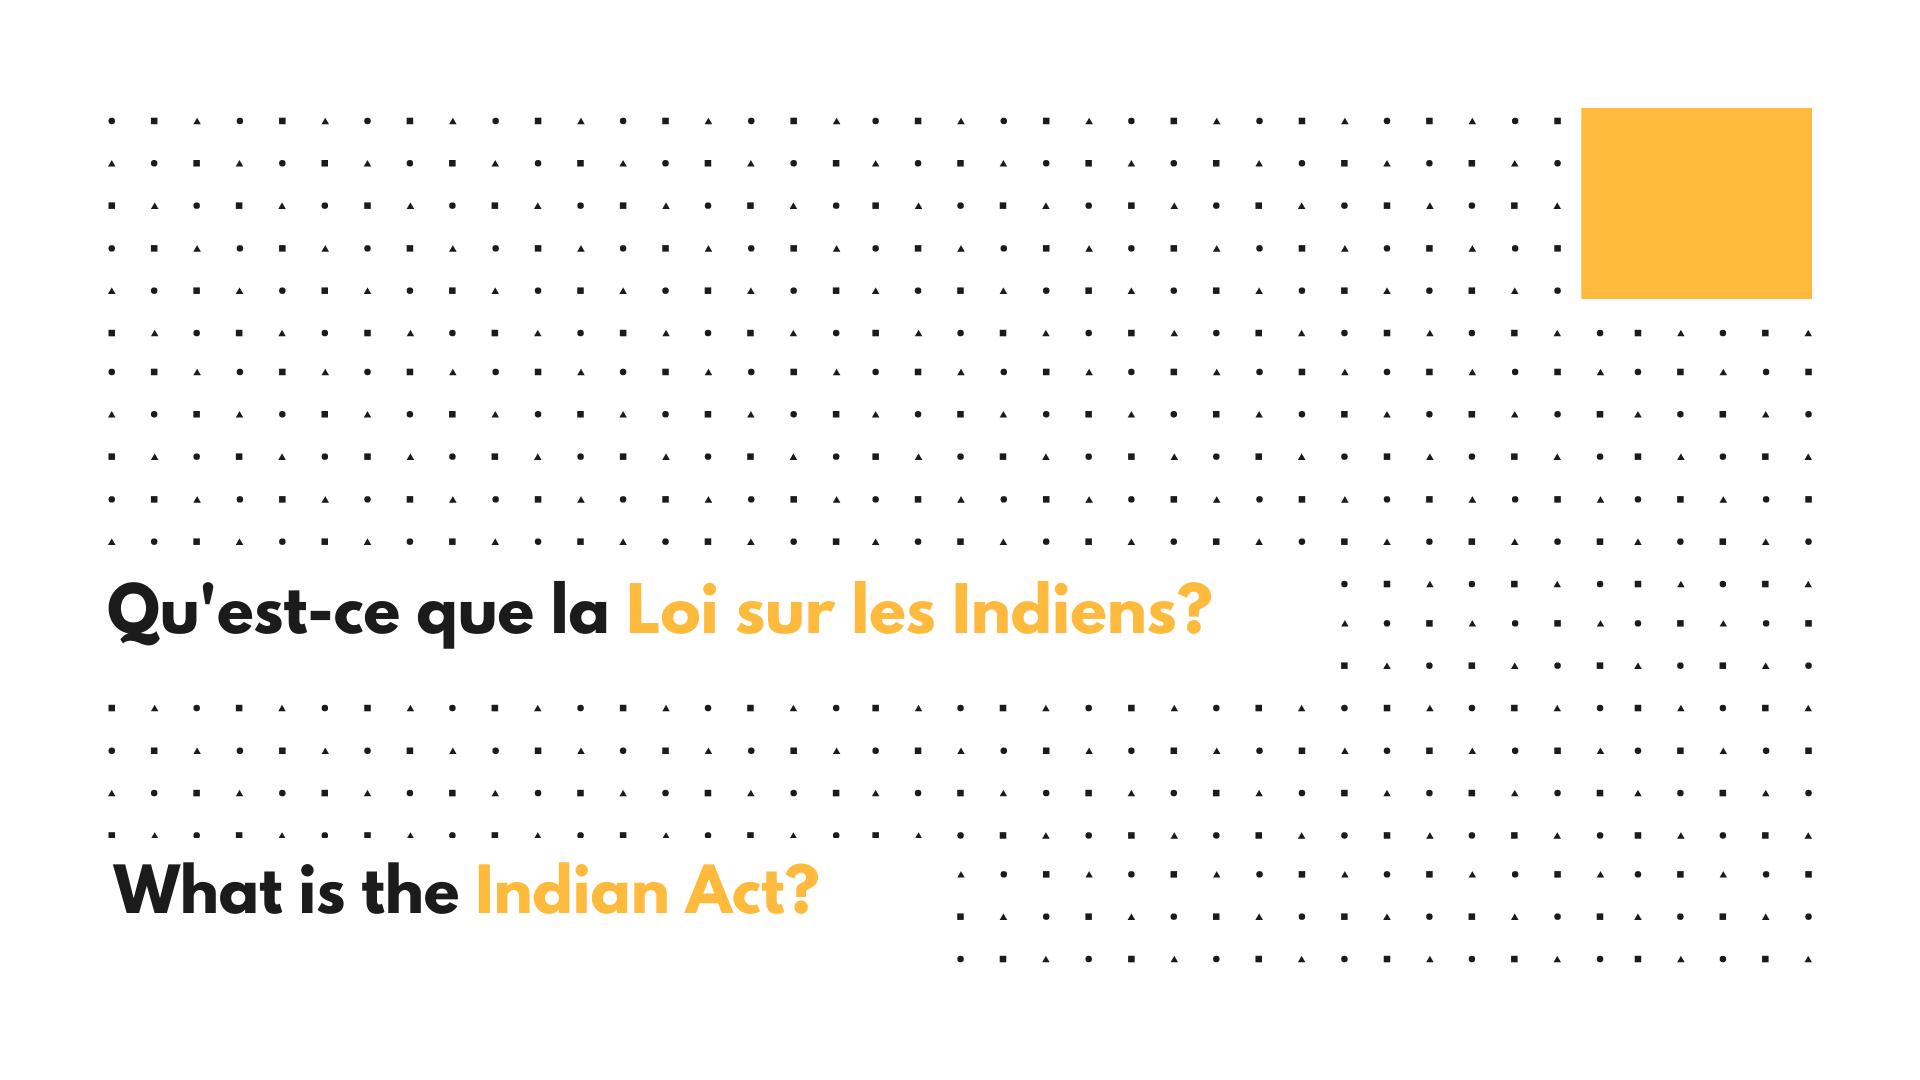 Qu'est-ce que la Loi sur les Indiens?